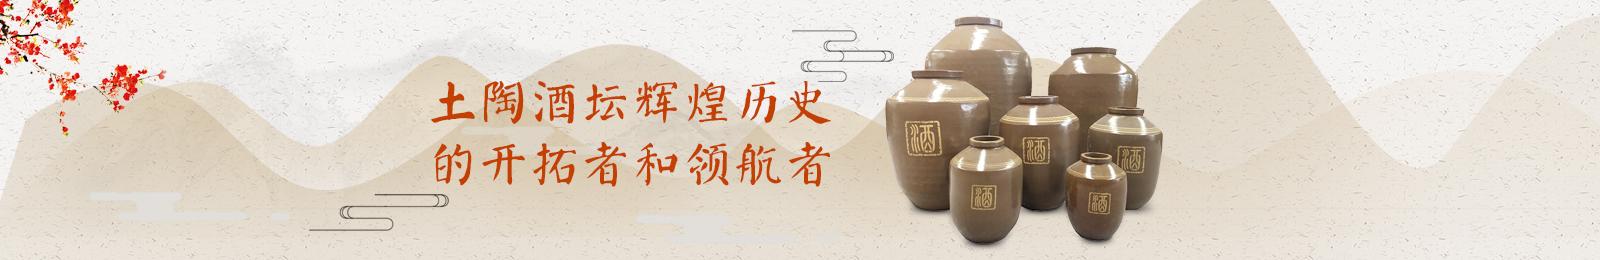 土陶酒坛子